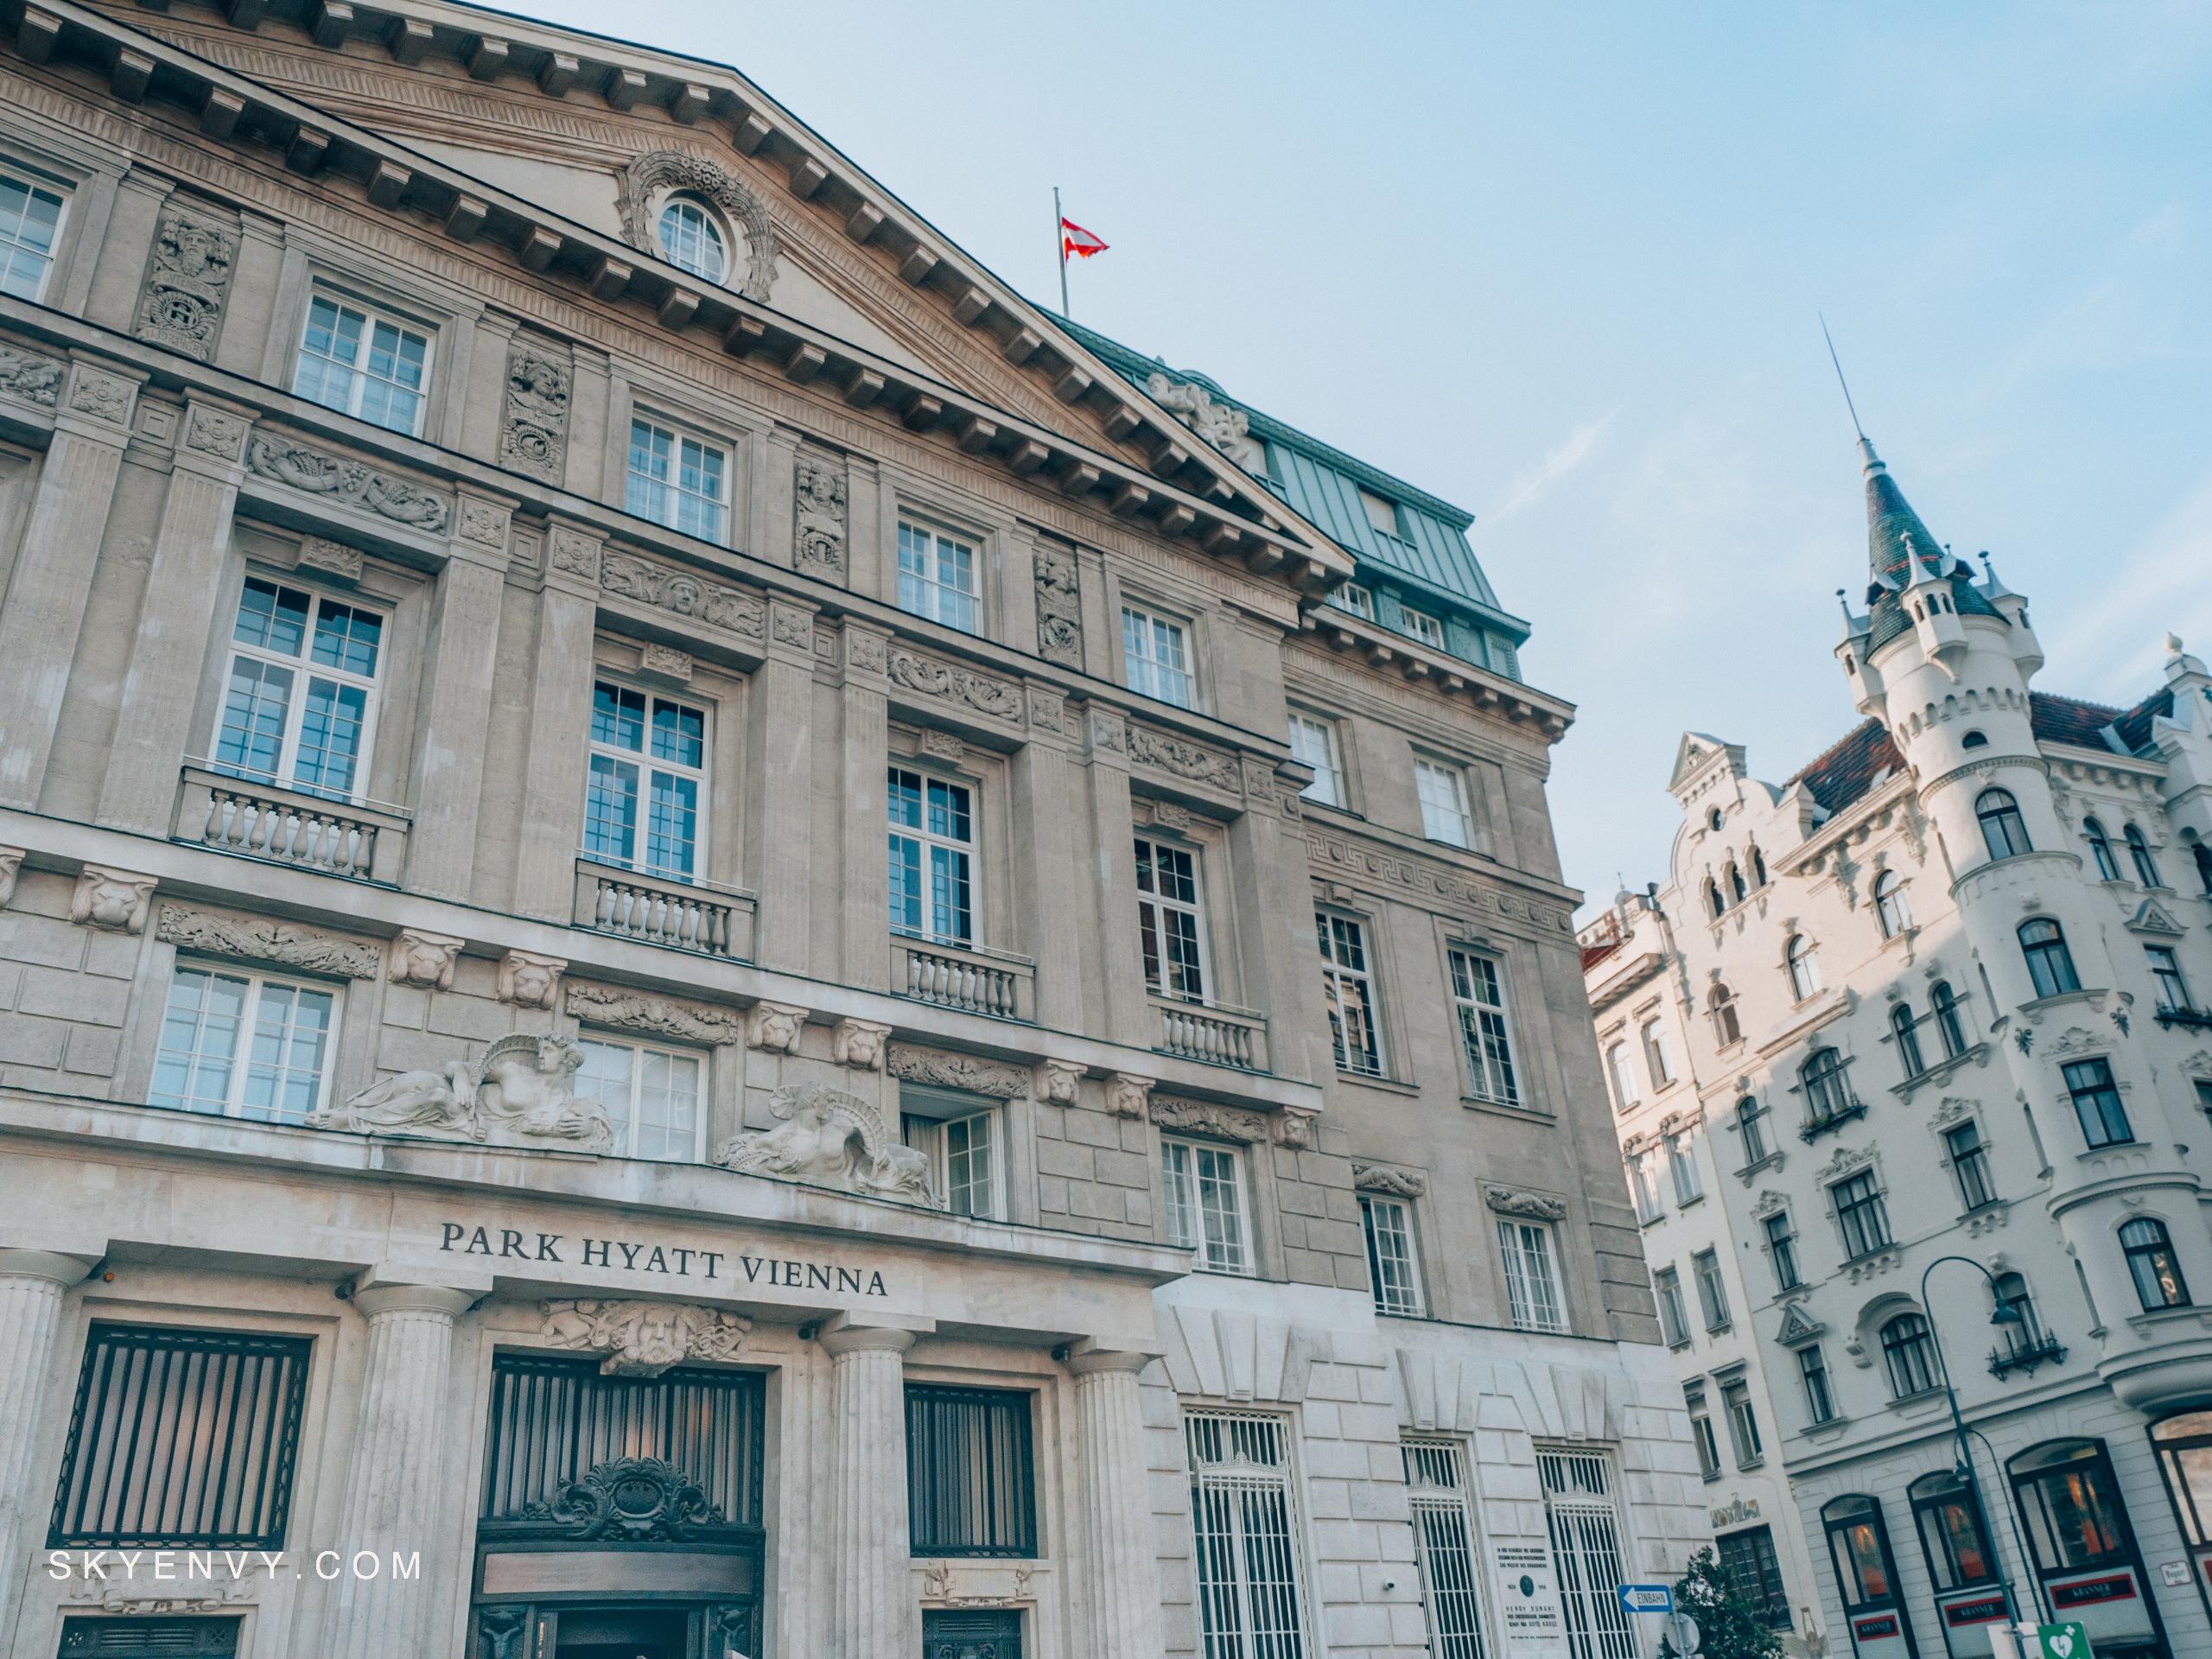 Park Hyatt Vienna, Vienna, Luxury, Luxury Hotel, Park Hyatt, FiveStar Hotel, Viennese Elegance, Luxury is Persona